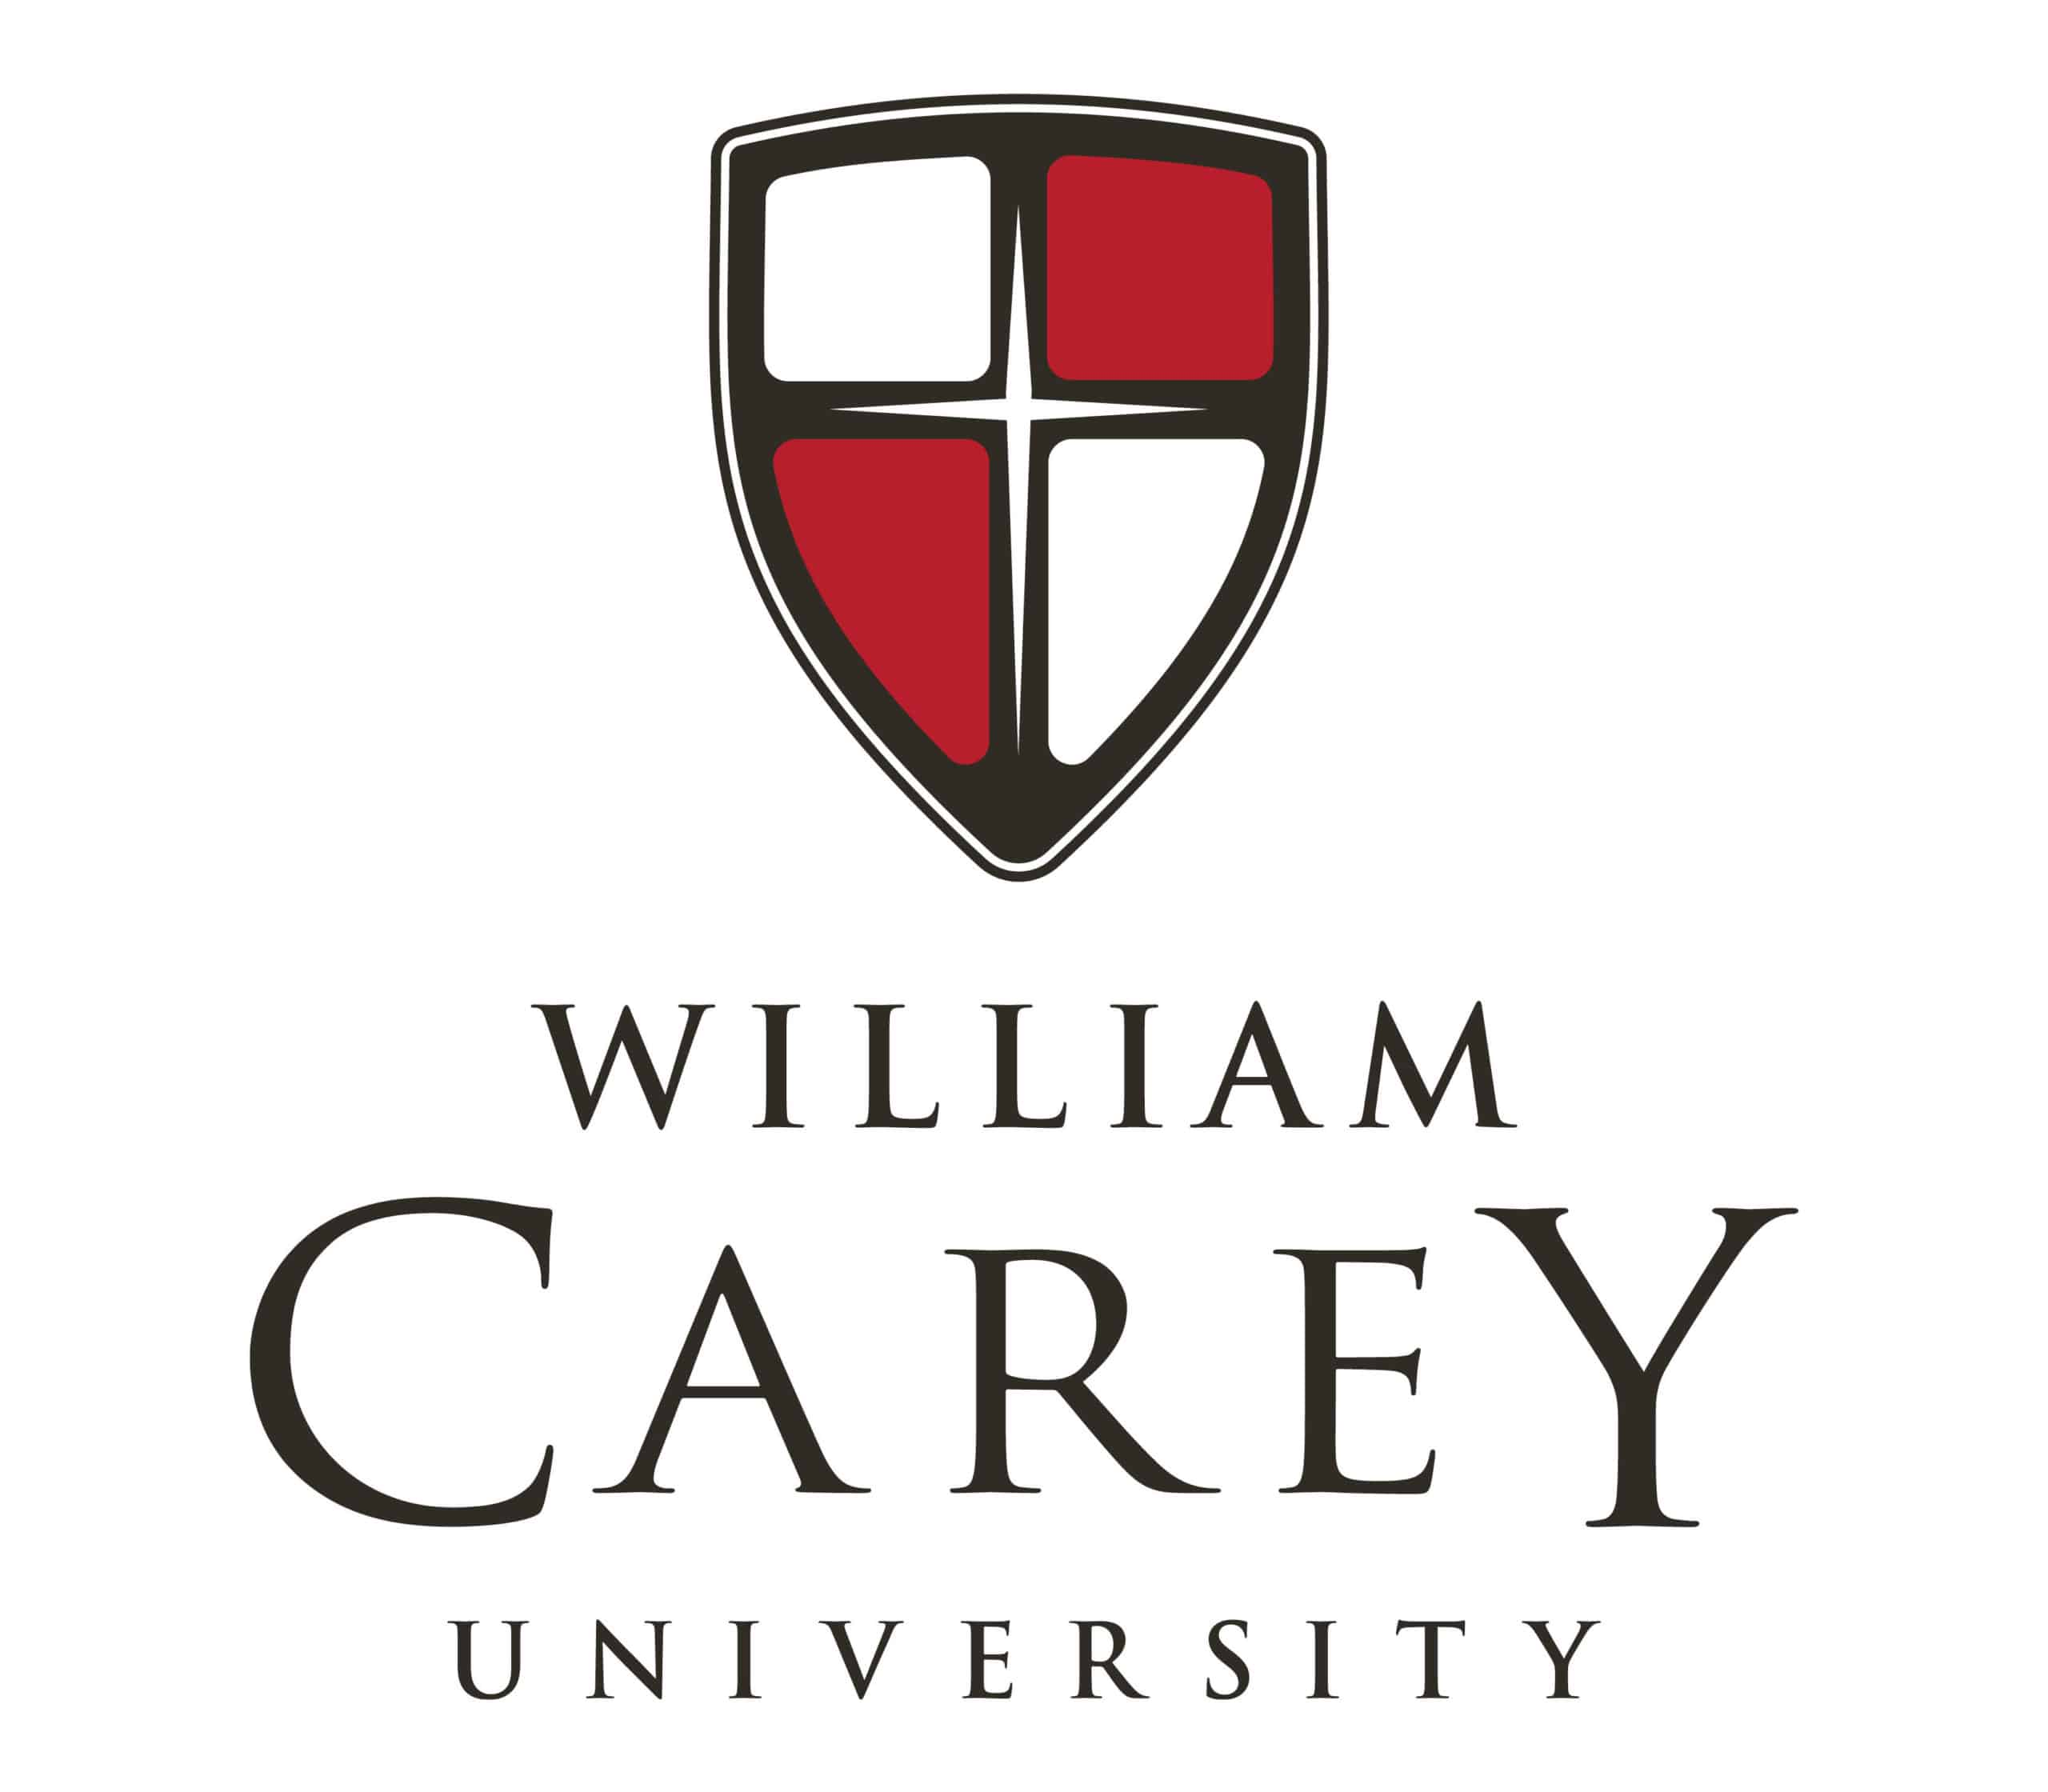 William Carey University logo scaled